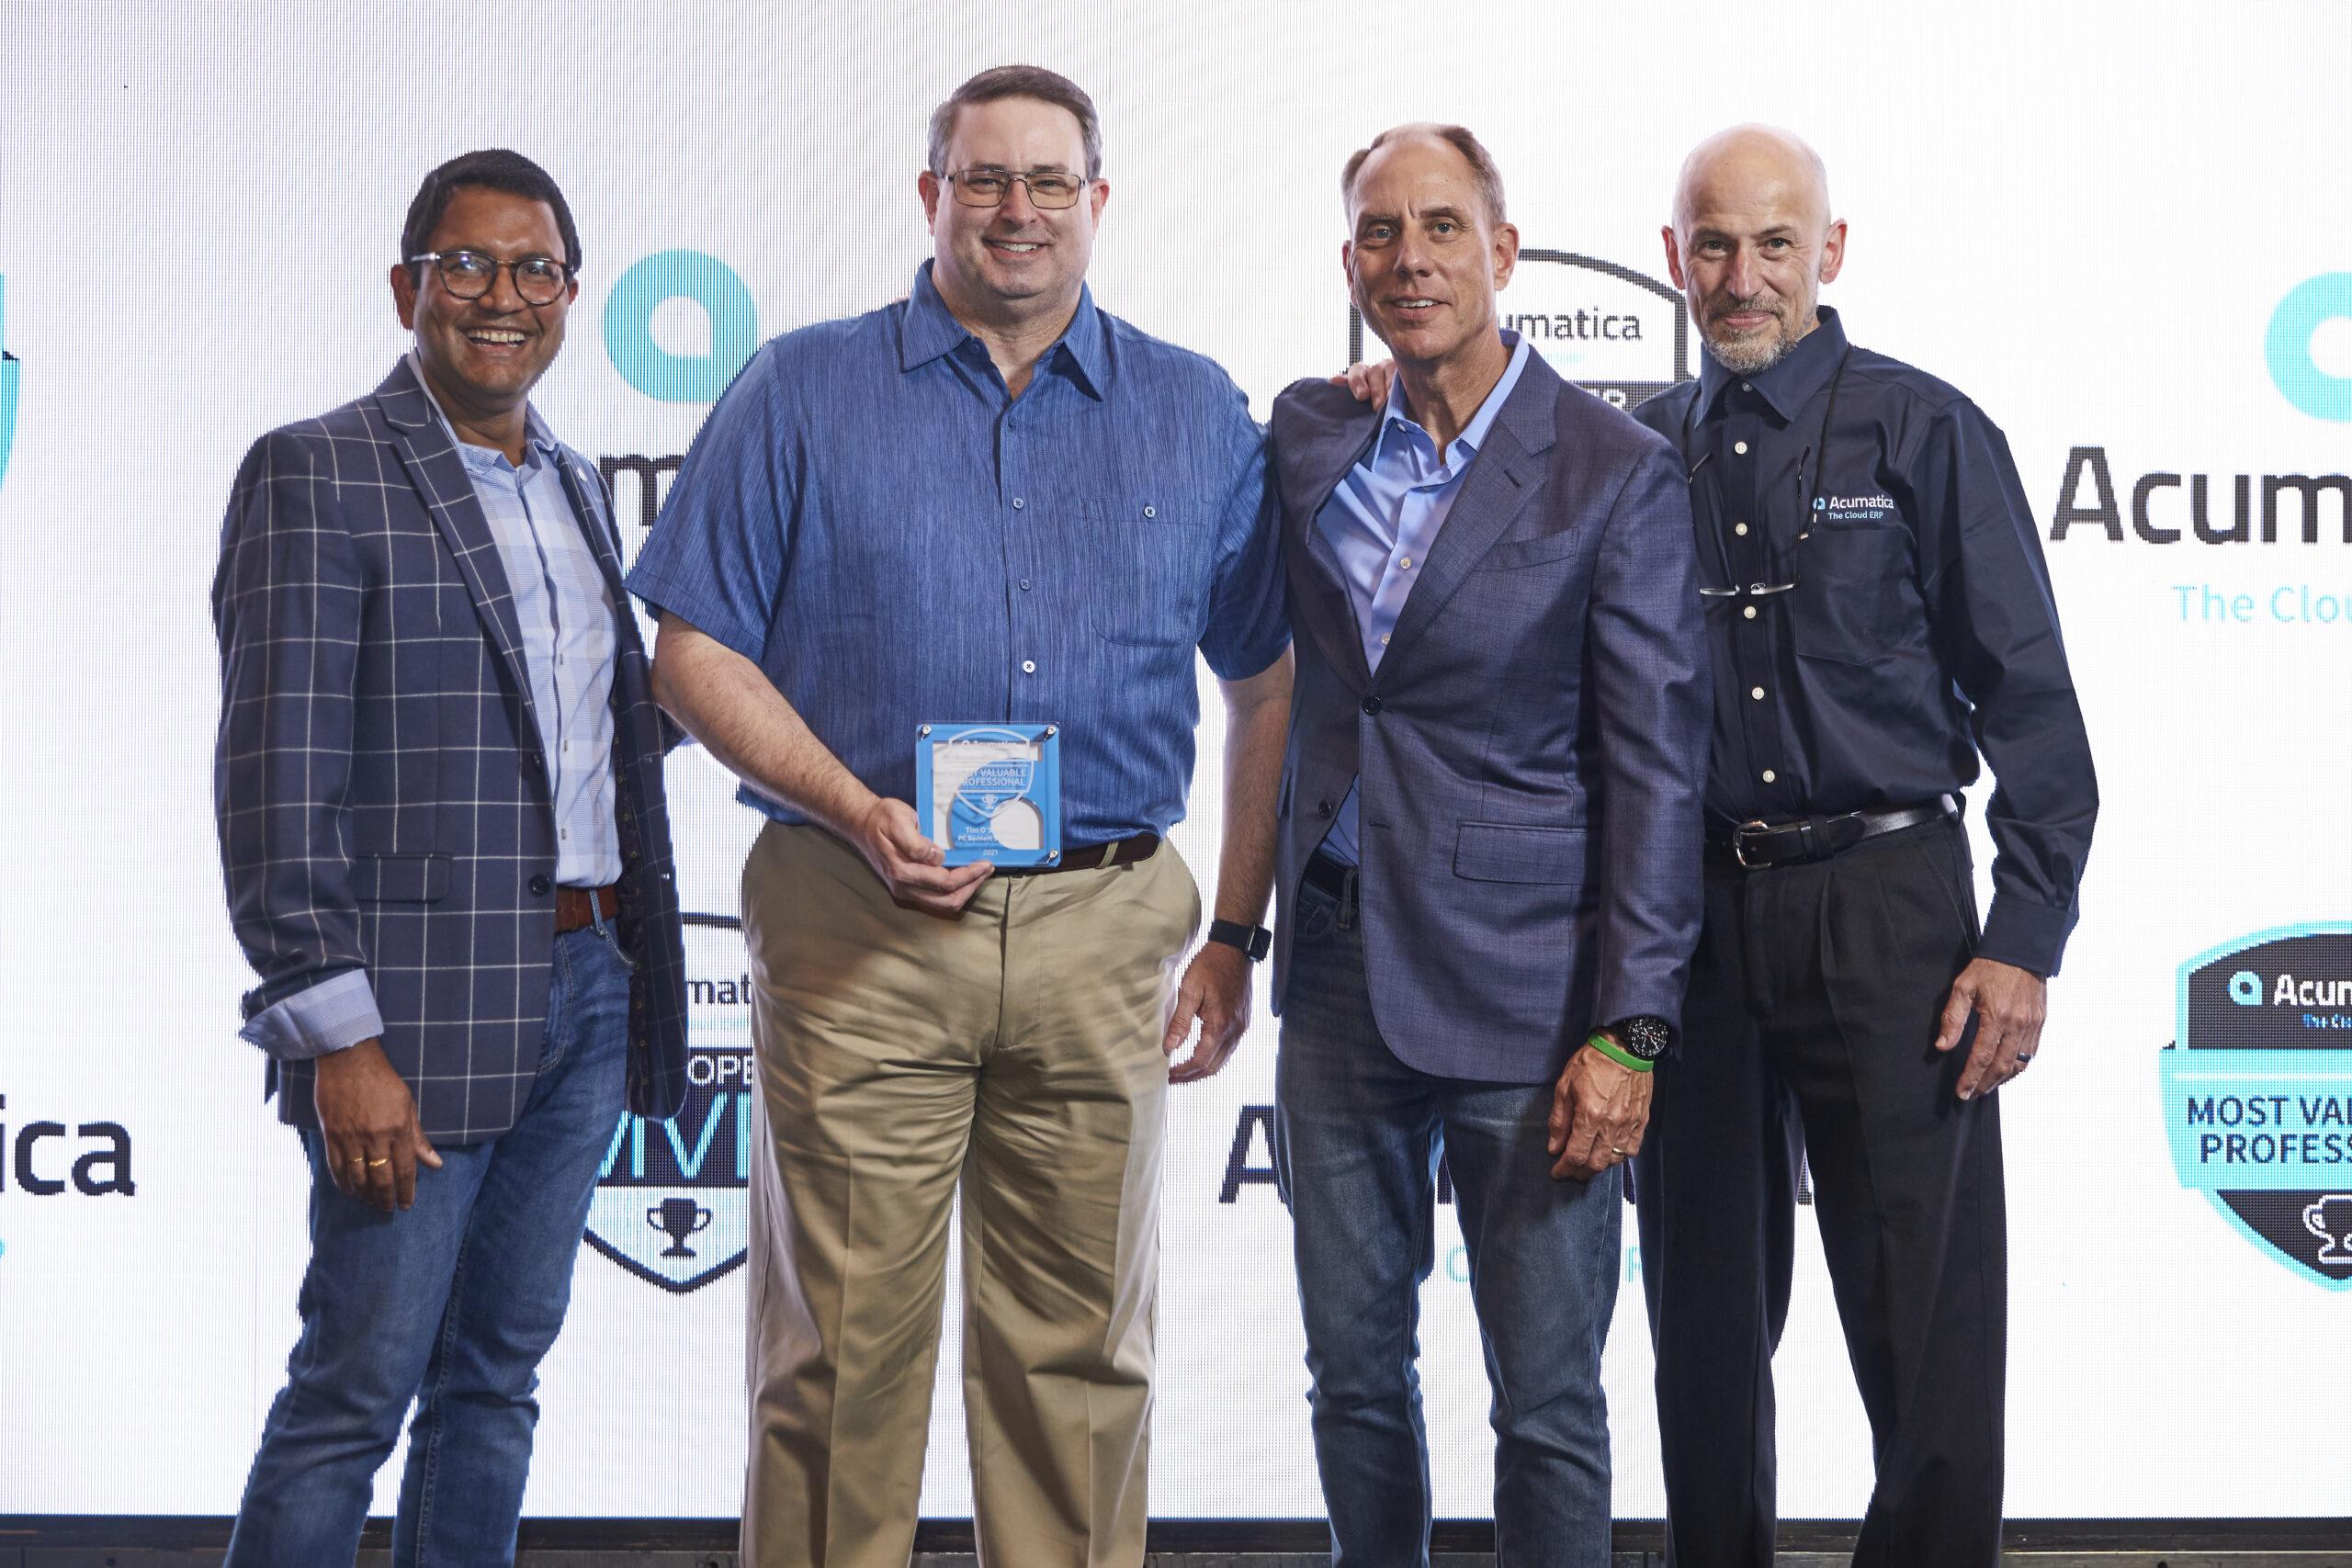 PC Bennett team receives an award.